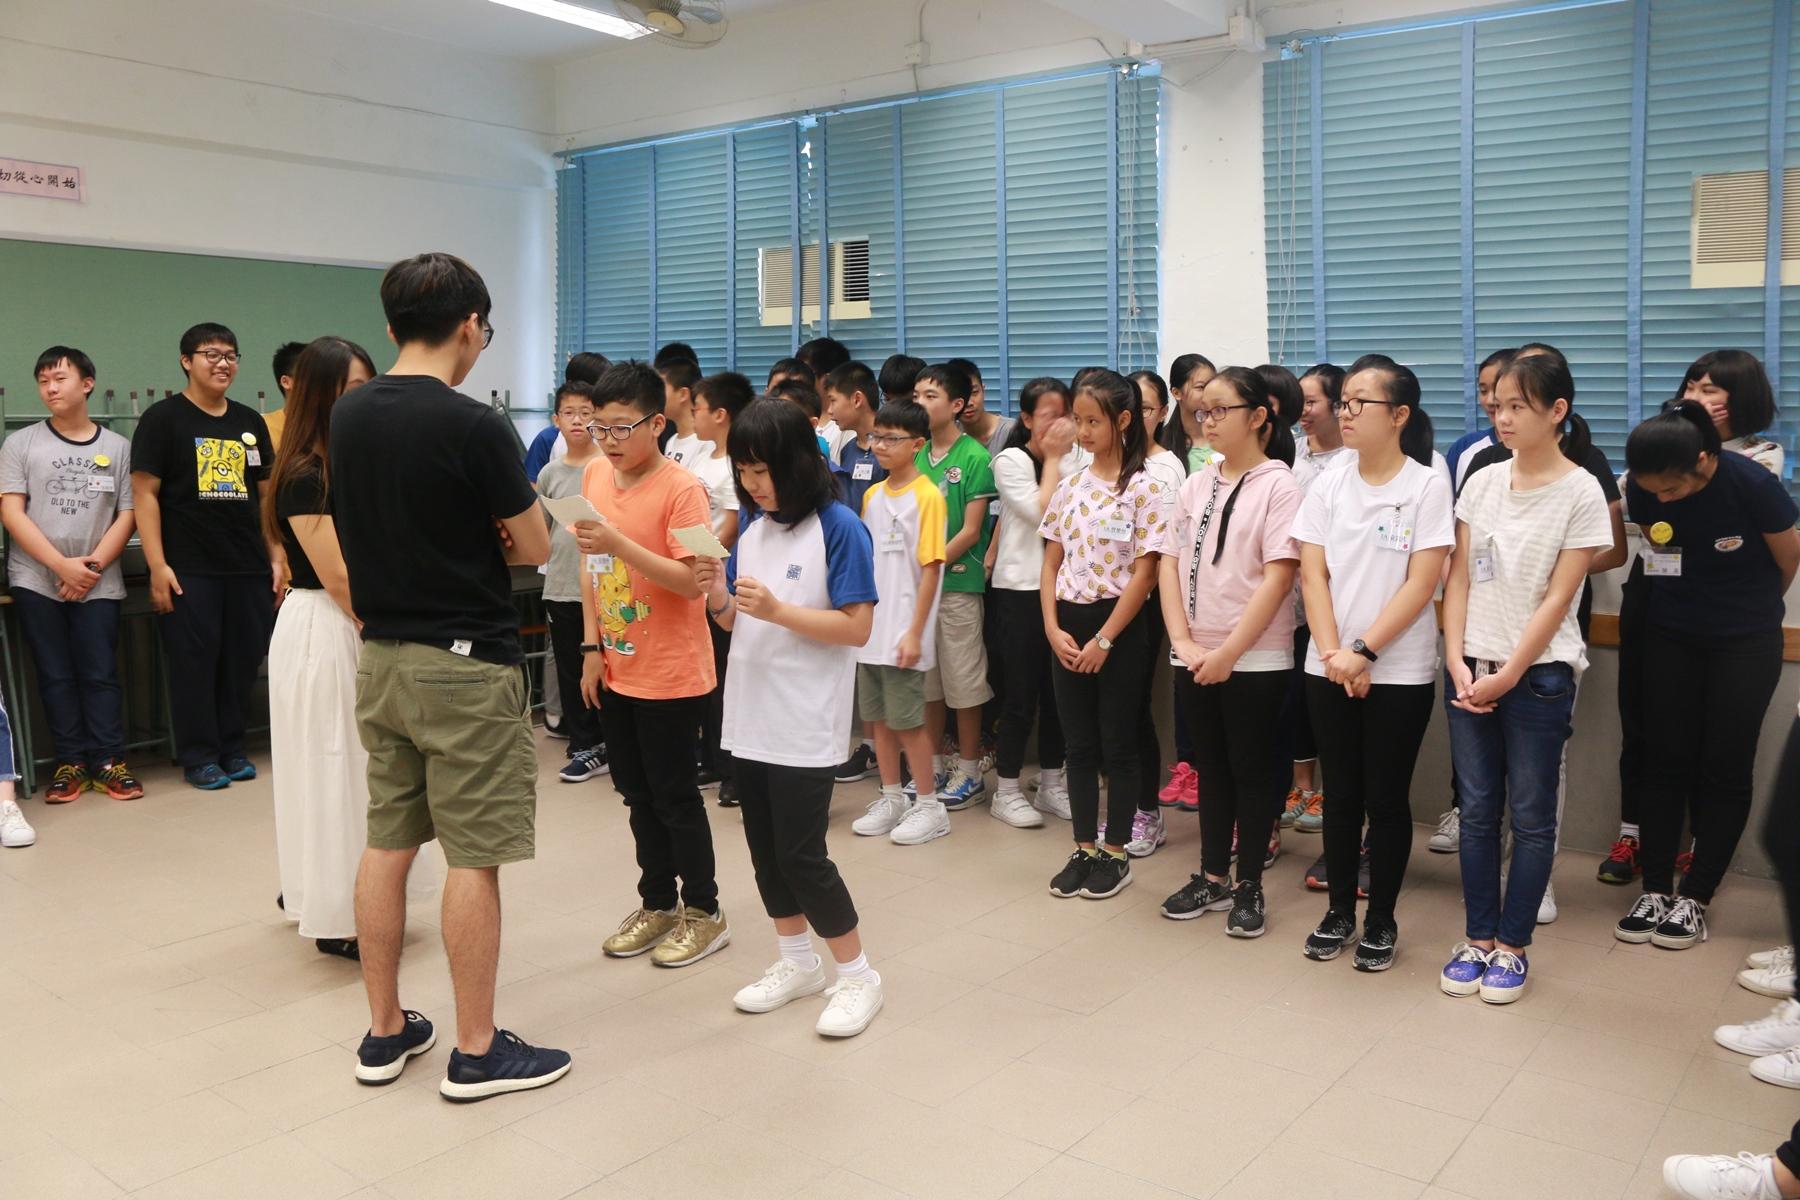 http://www.npc.edu.hk/sites/default/files/1a_zhong_ying_bing_chong_05.jpg